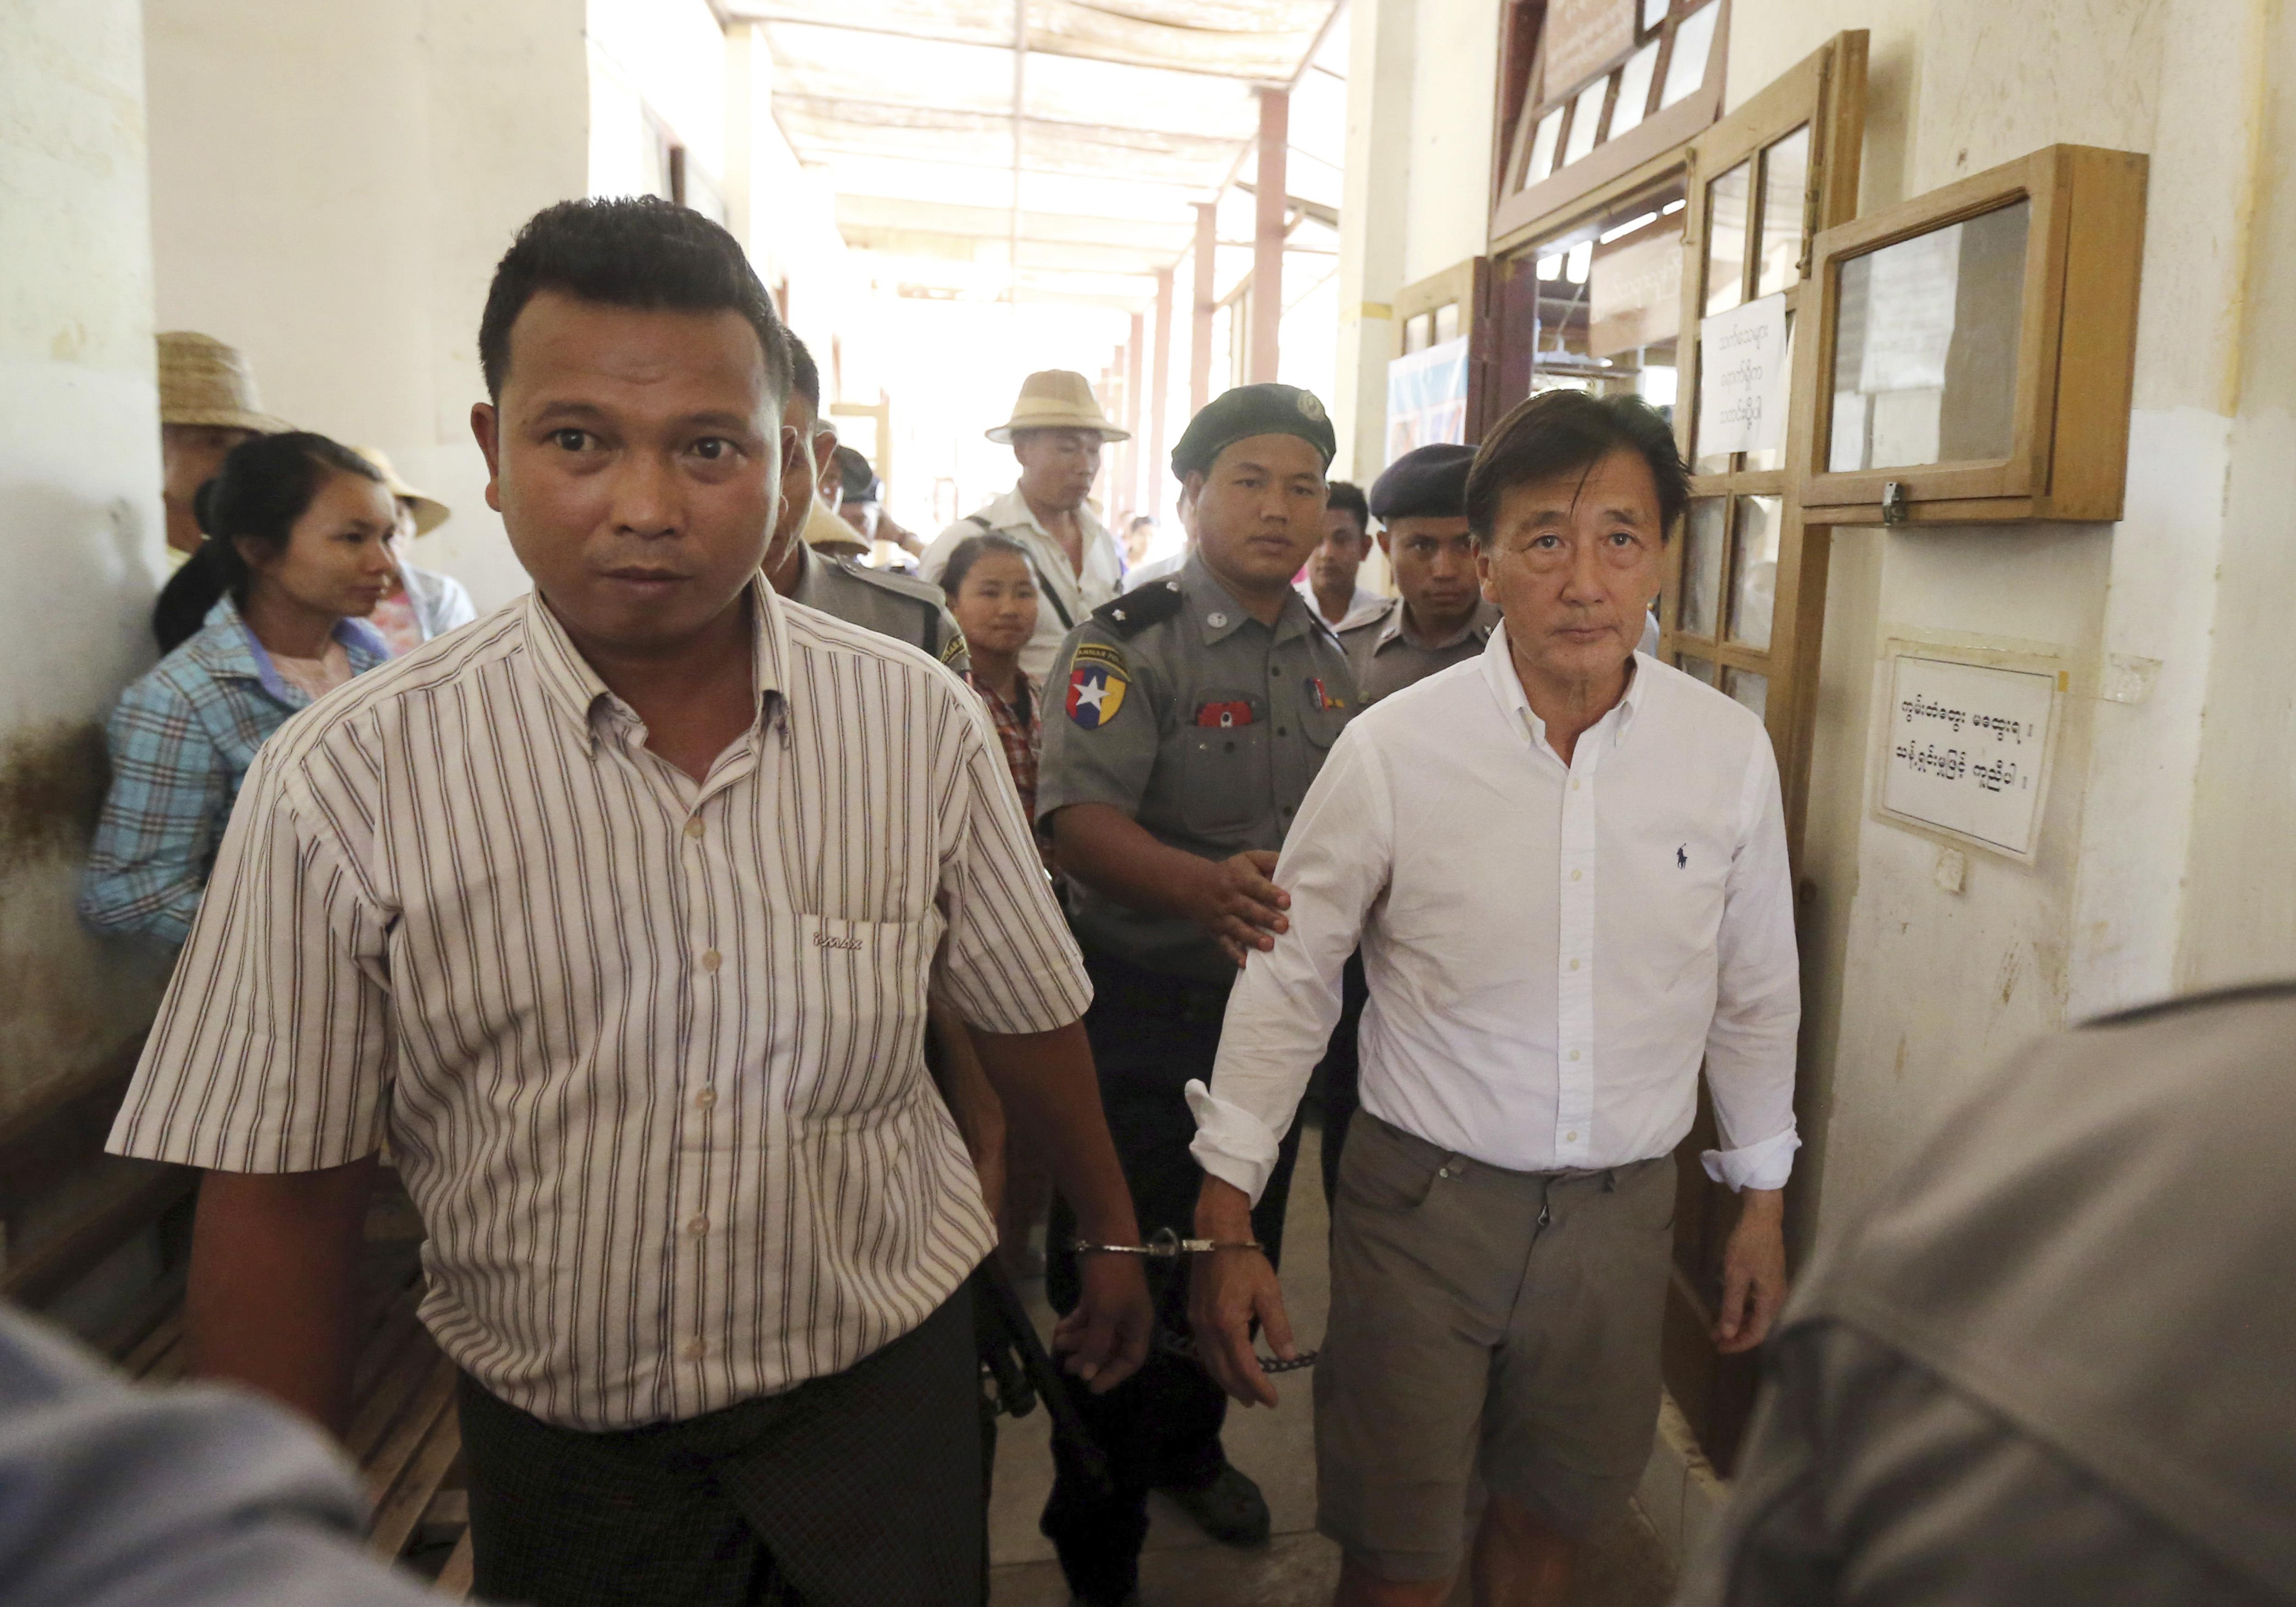 Employee Of Us Owned Hemp Farm In Myanmar Gets 20 Years Jail Wsyr